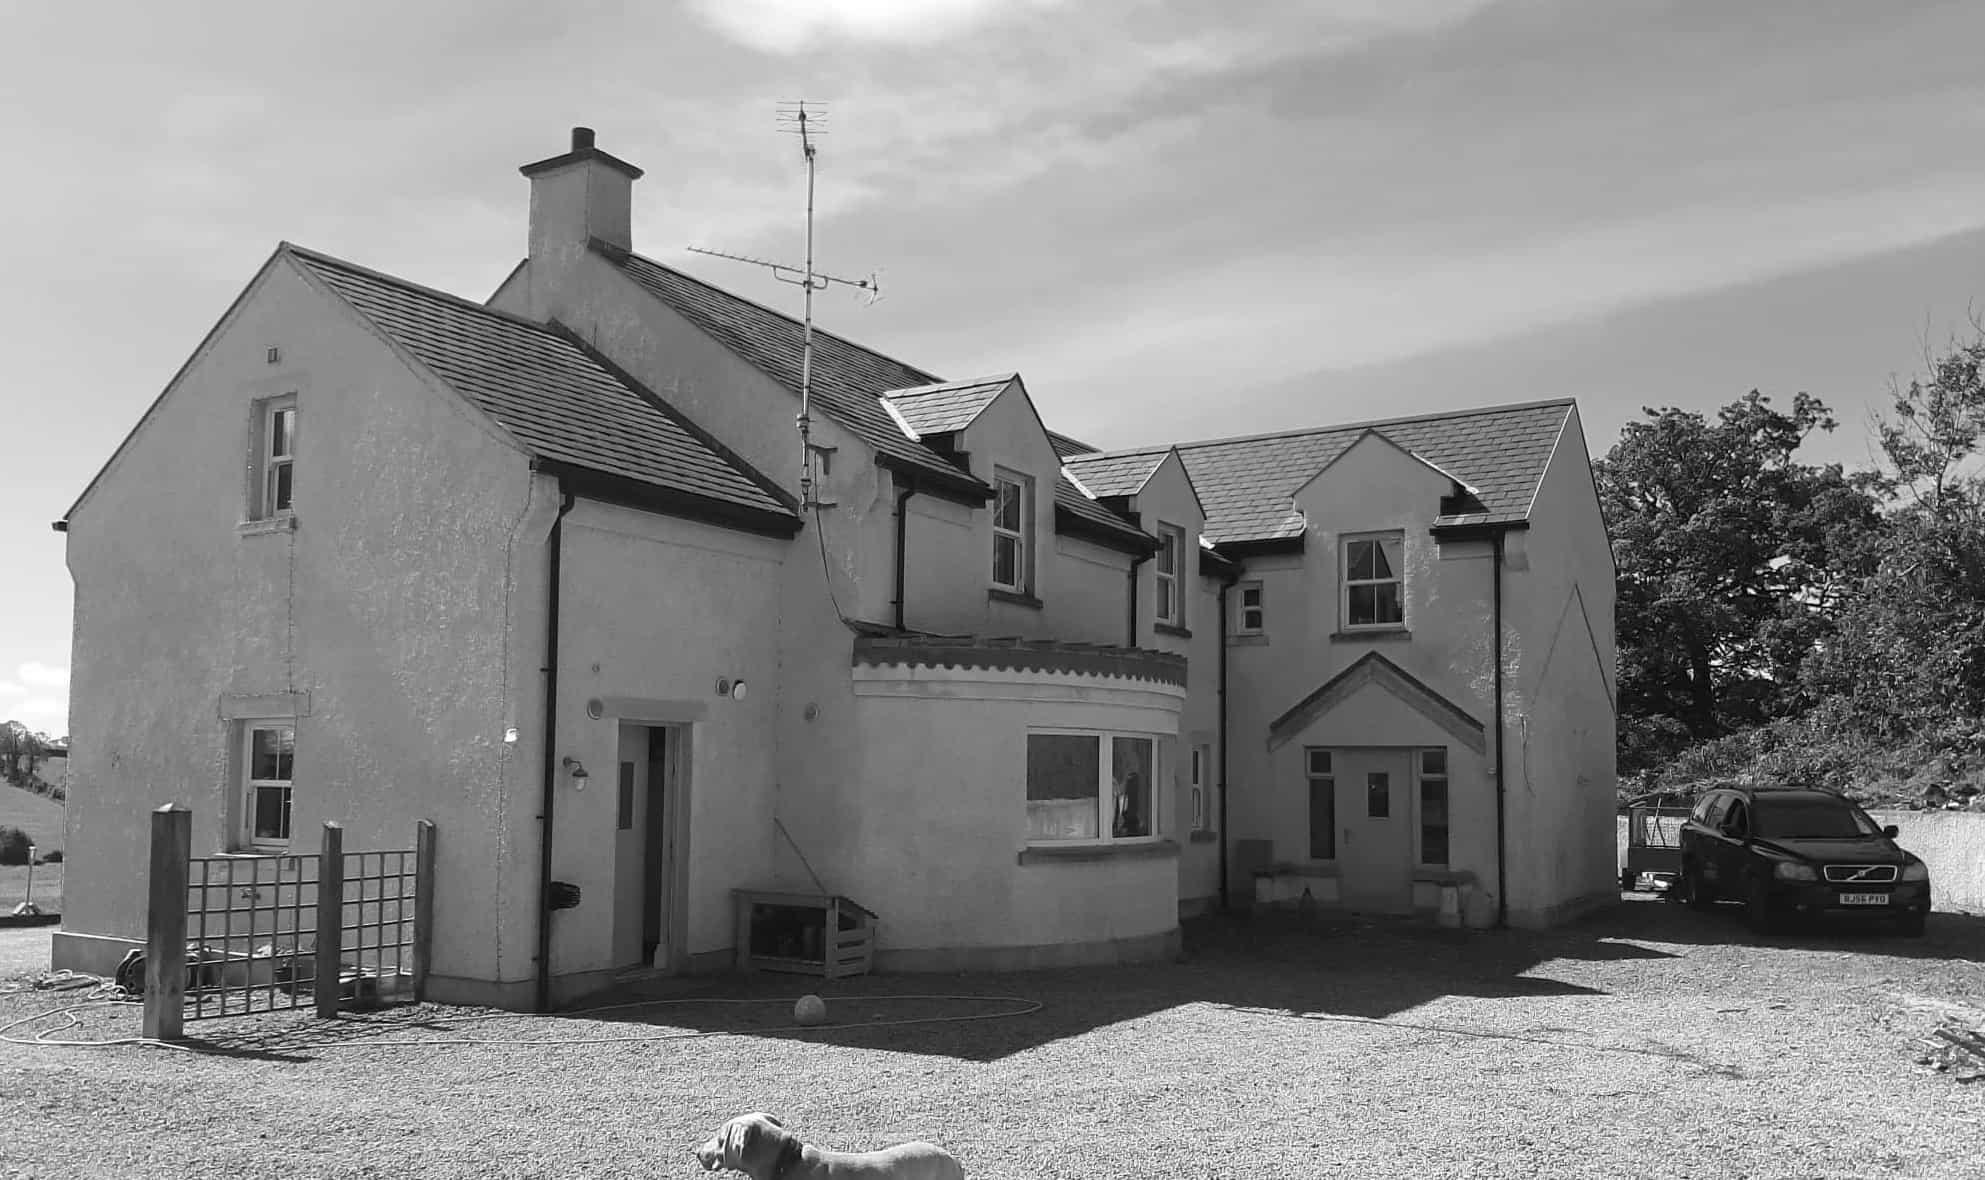 Wilson Dwelling - Rear View